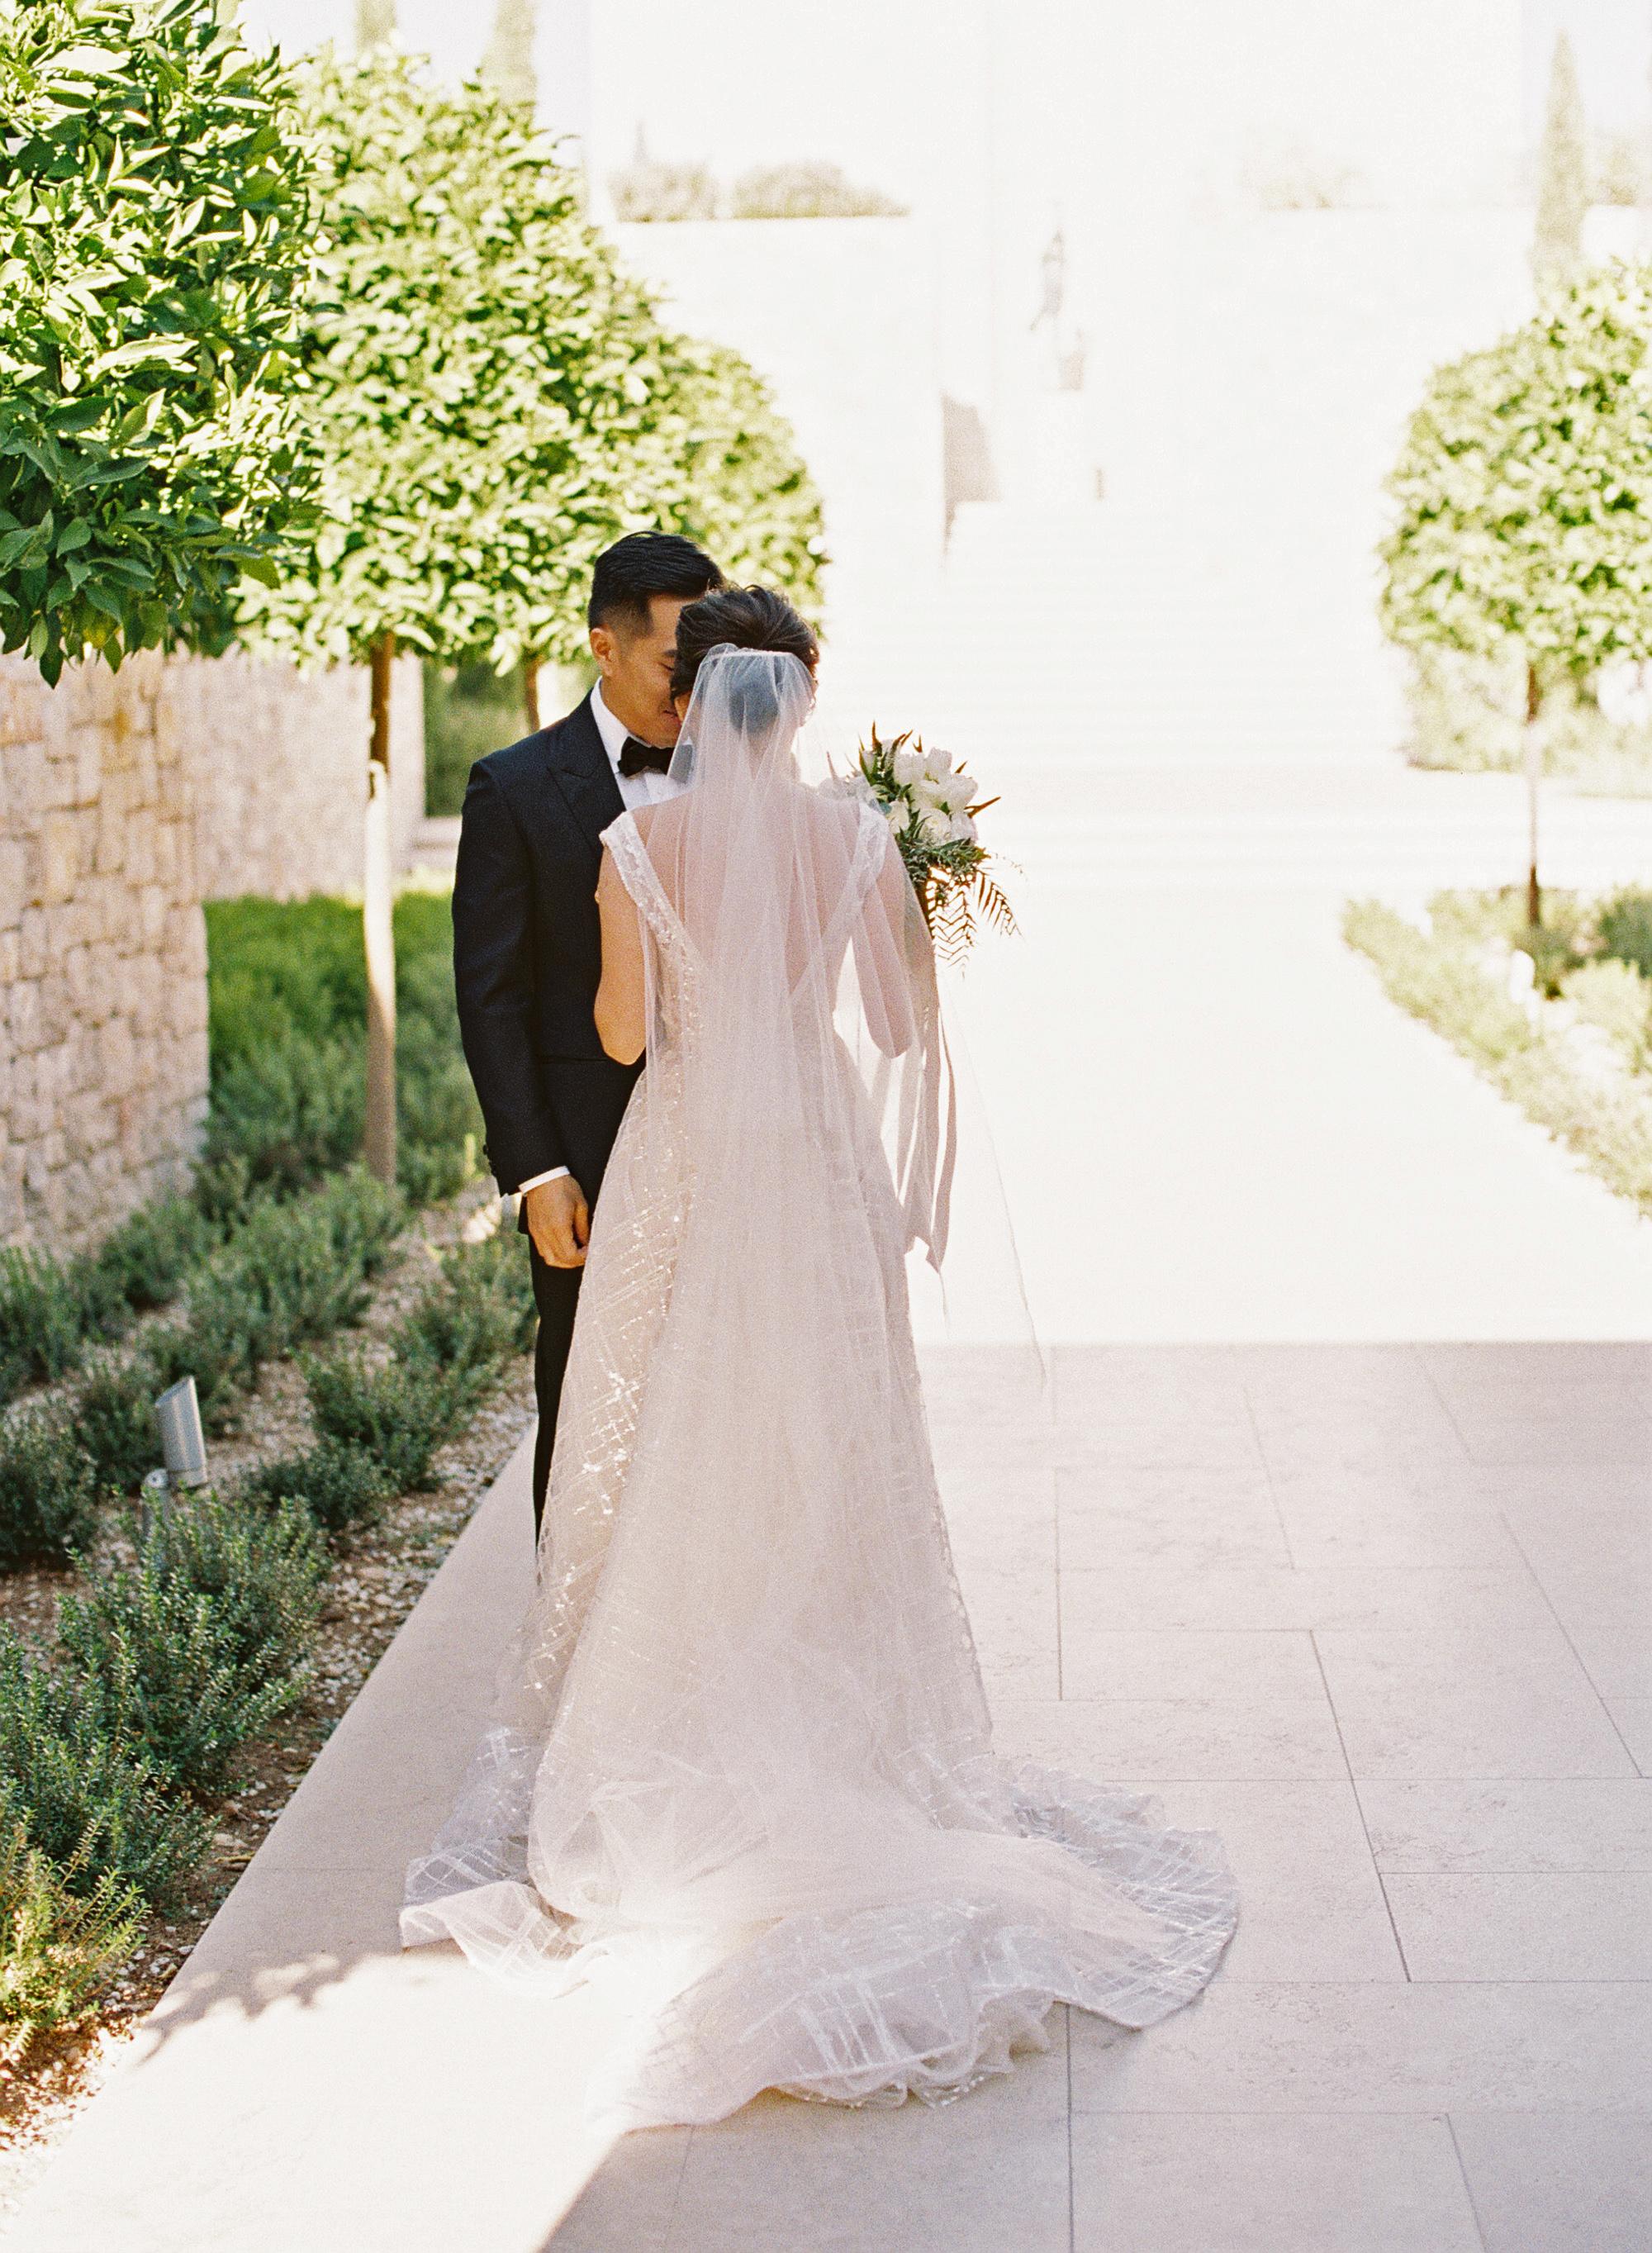 sze amanzoe wedding first look greece elegant